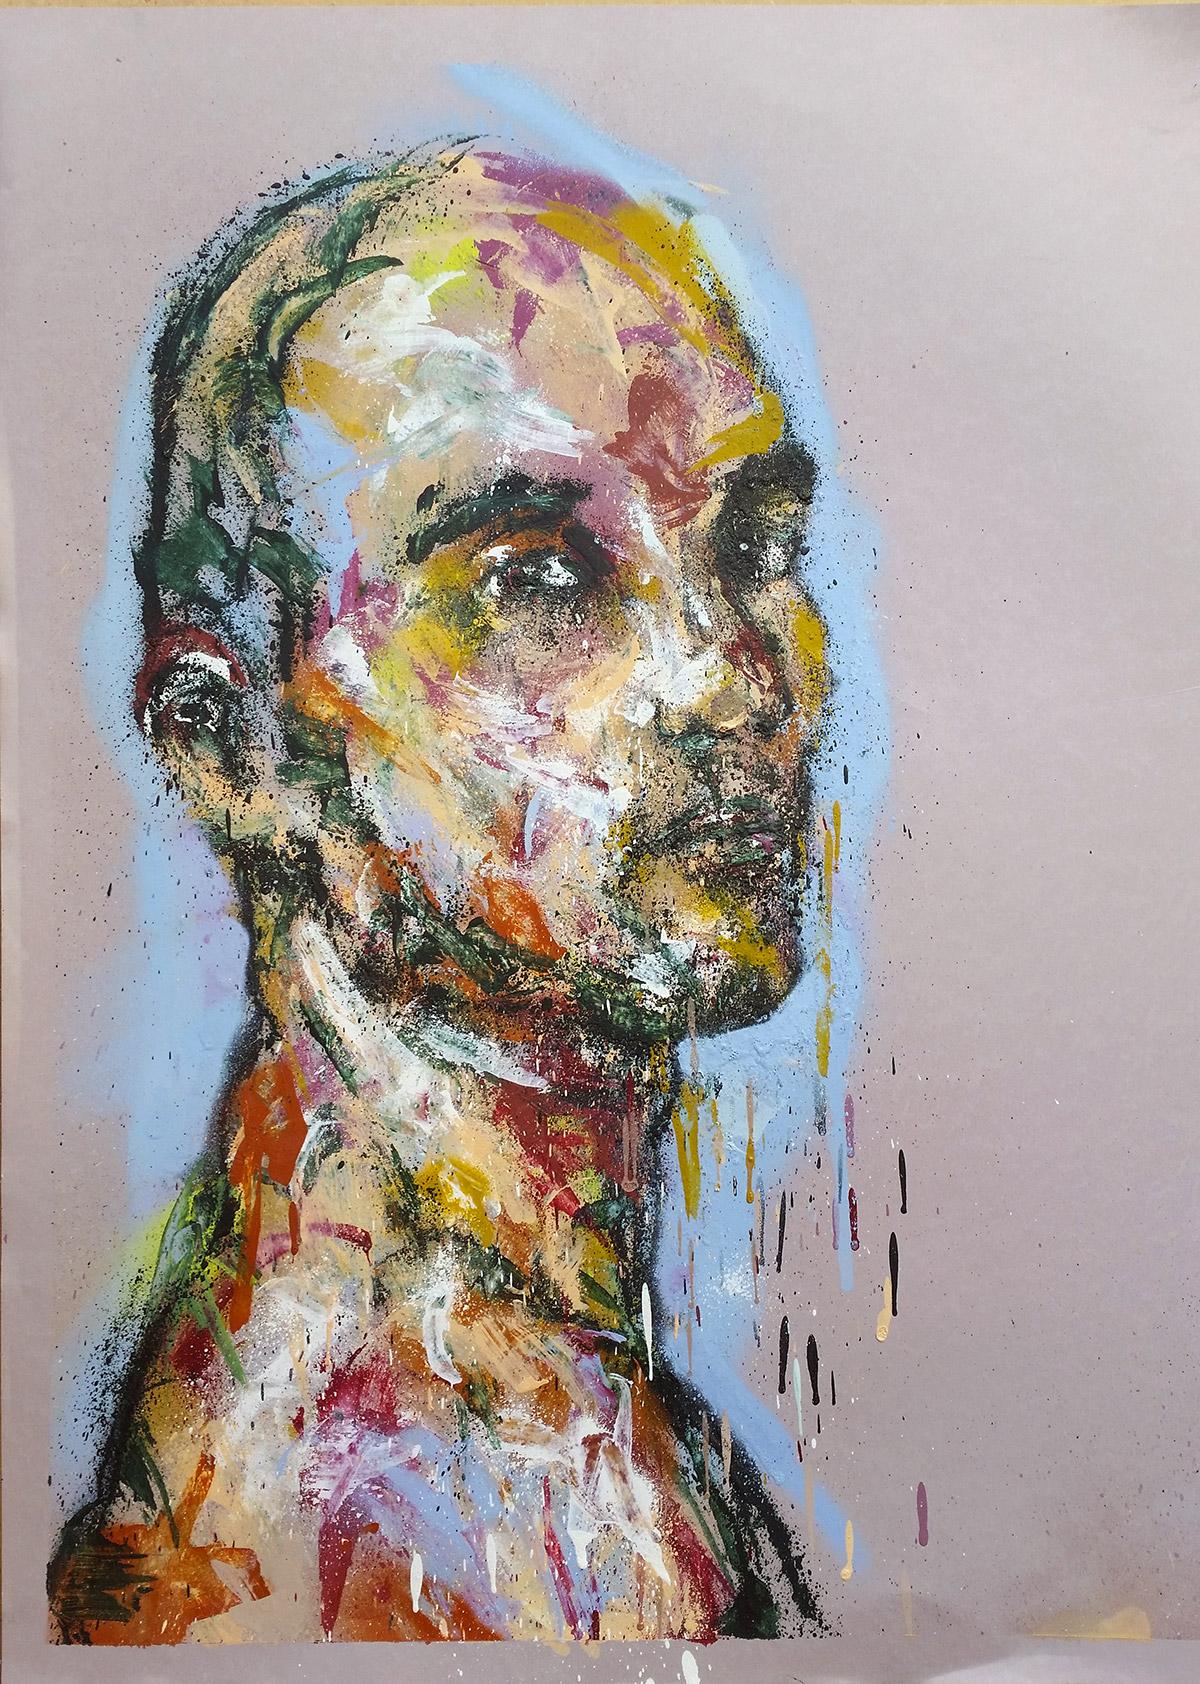 Peinture sur feuille par l'artiste Enkage